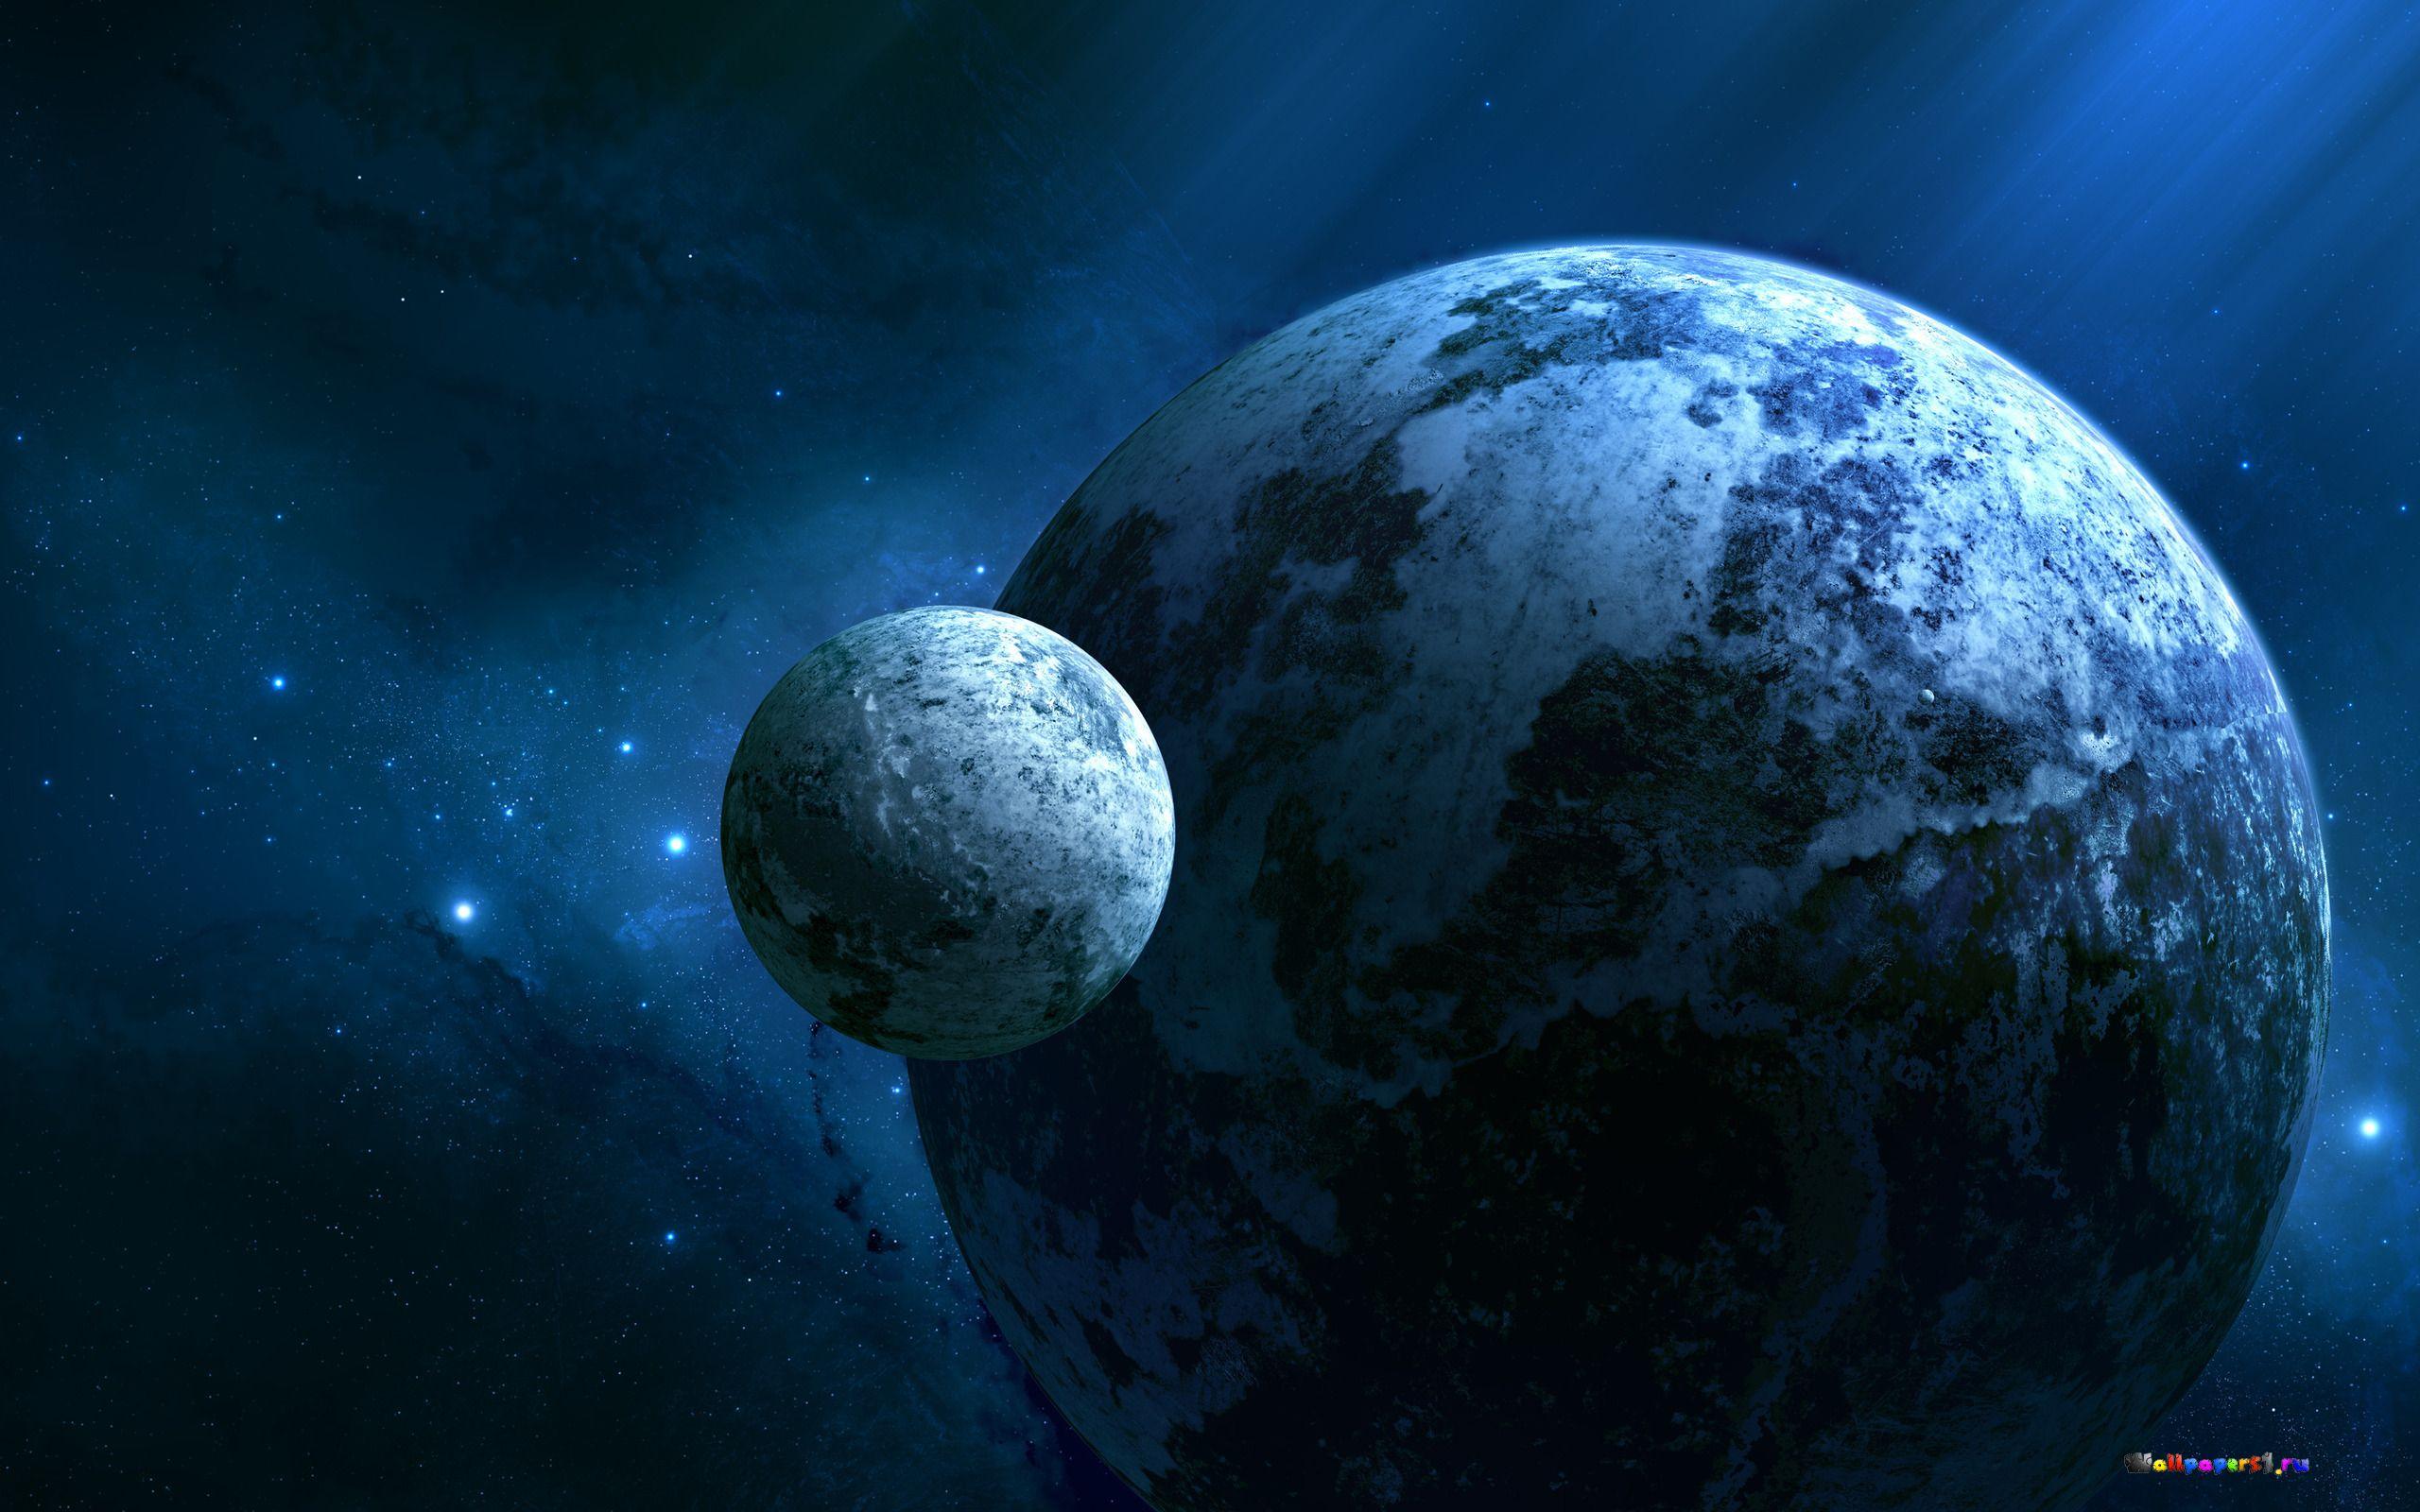 Обои Другой мир картинки на рабочий стол на тему Космос - скачать бесплатно